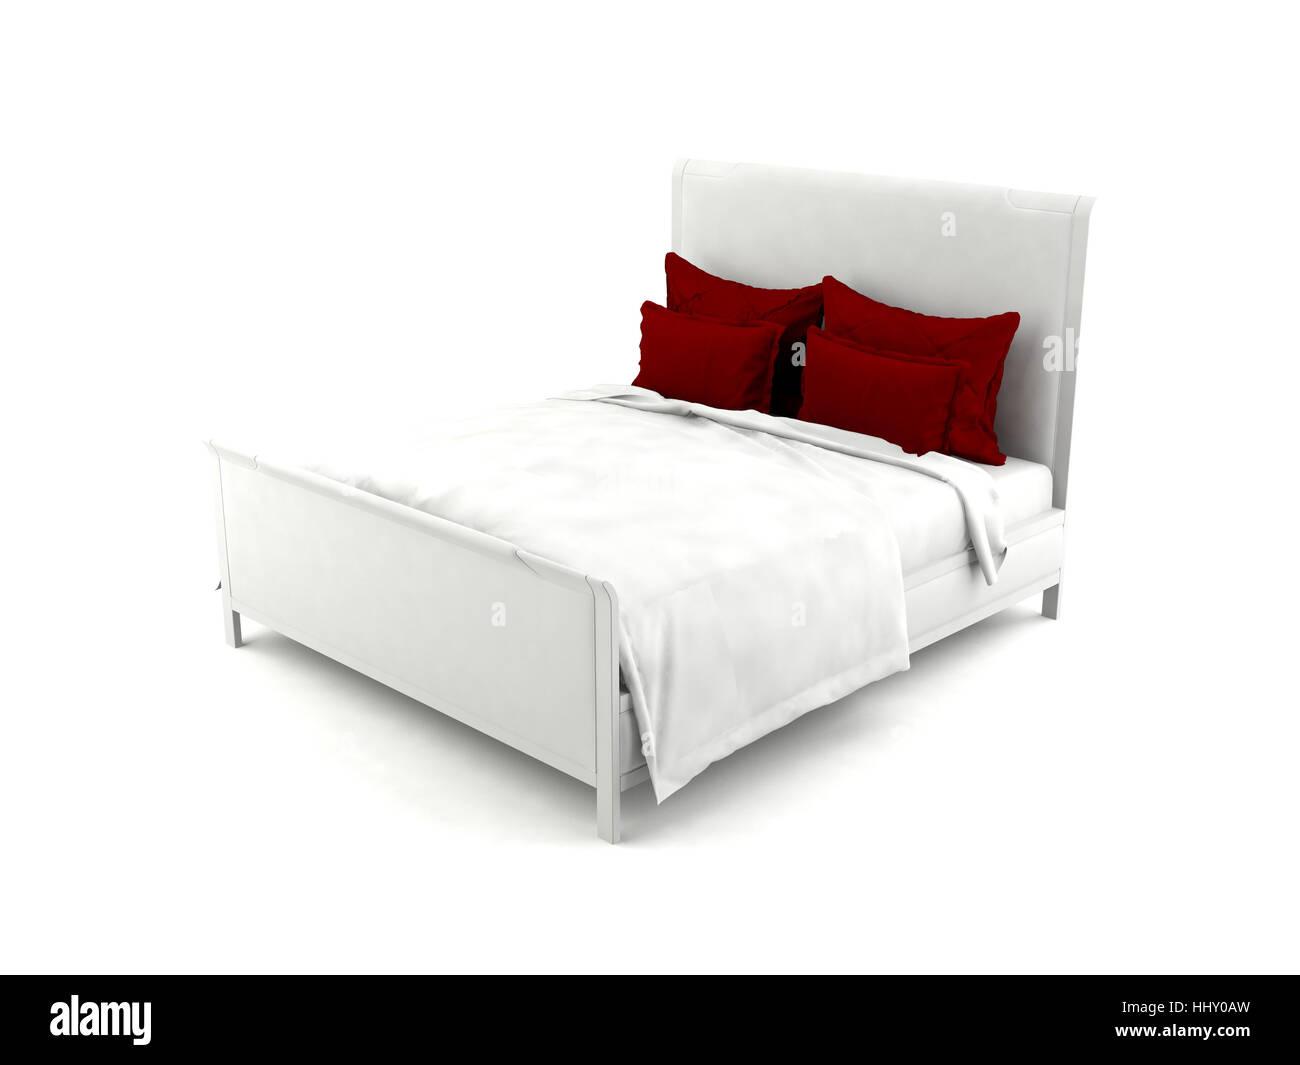 La cama blanca con almohadas rojas Imagen De Stock